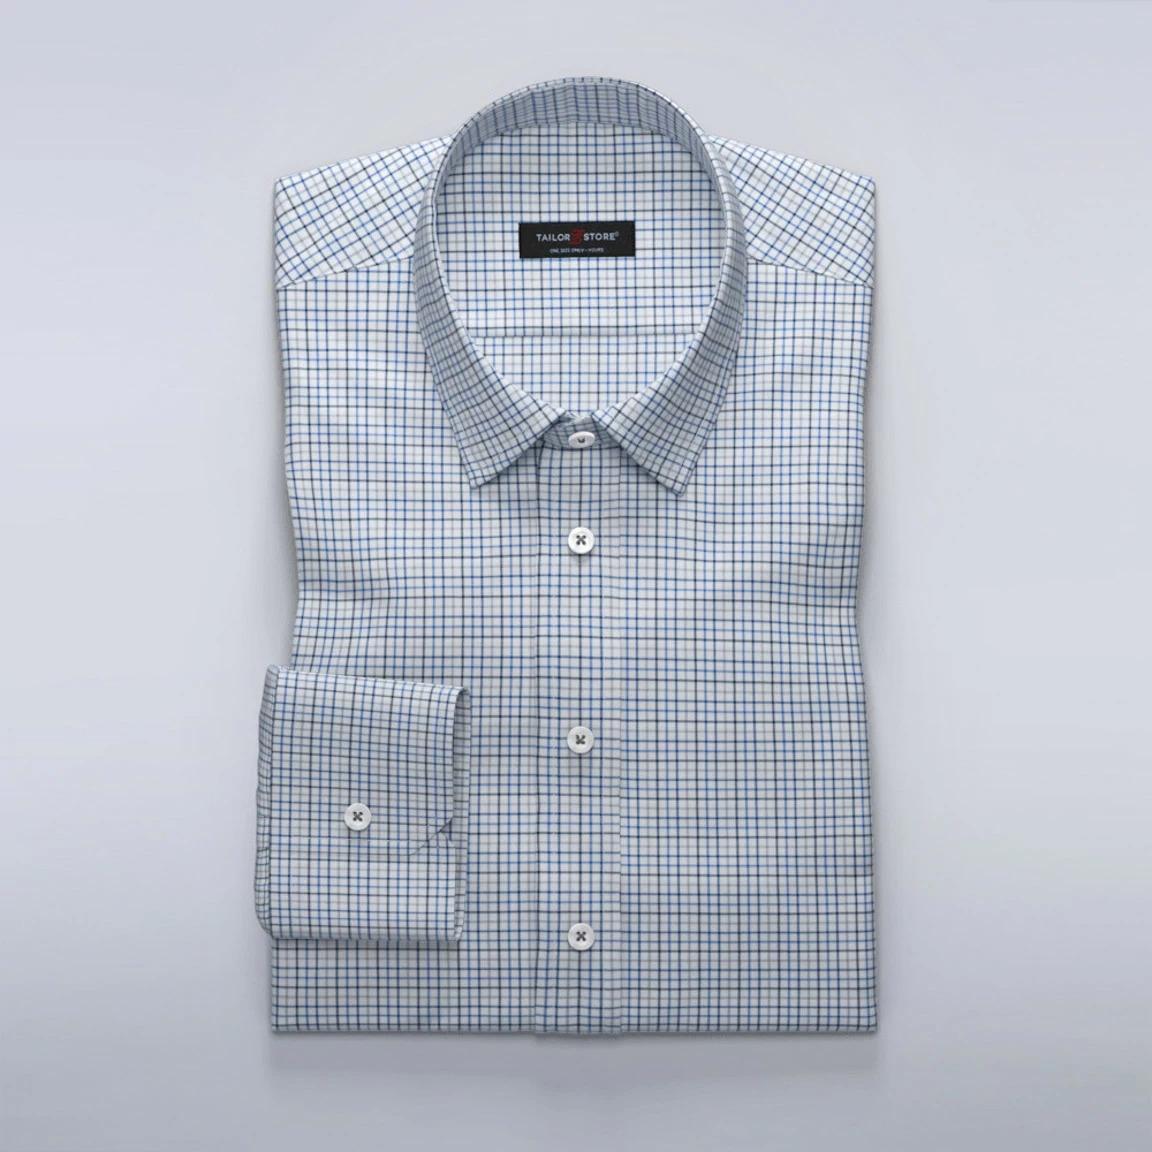 衬衫订制厂家提供